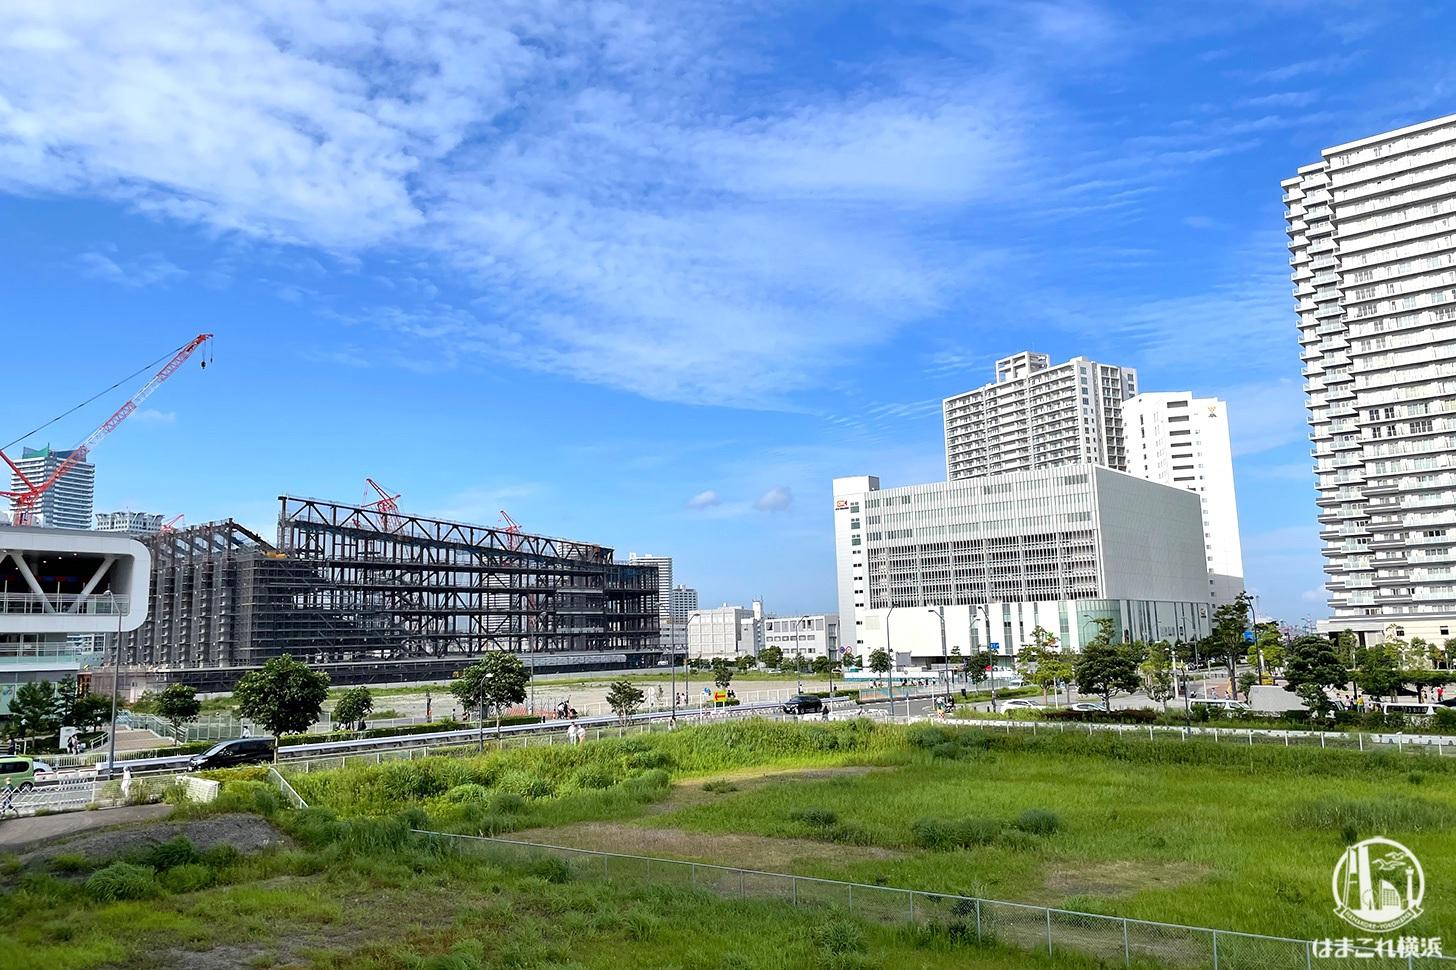 横浜グランゲートから見た60・61街区